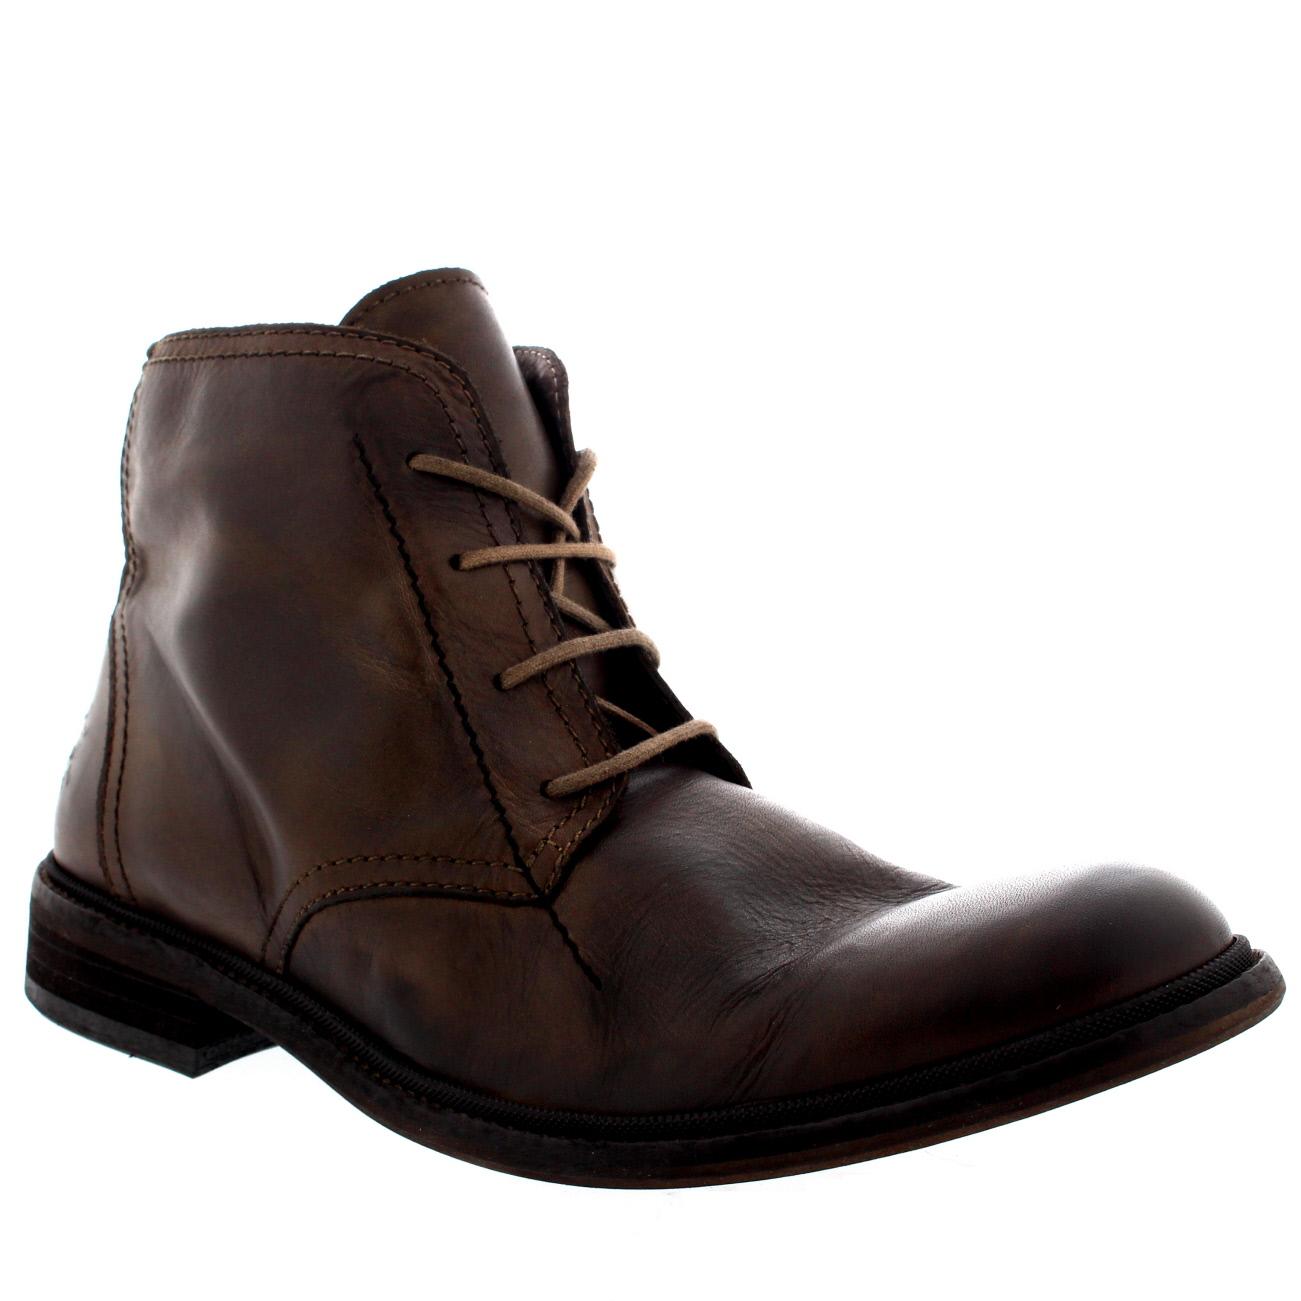 Mens Flat Shoes Ebay